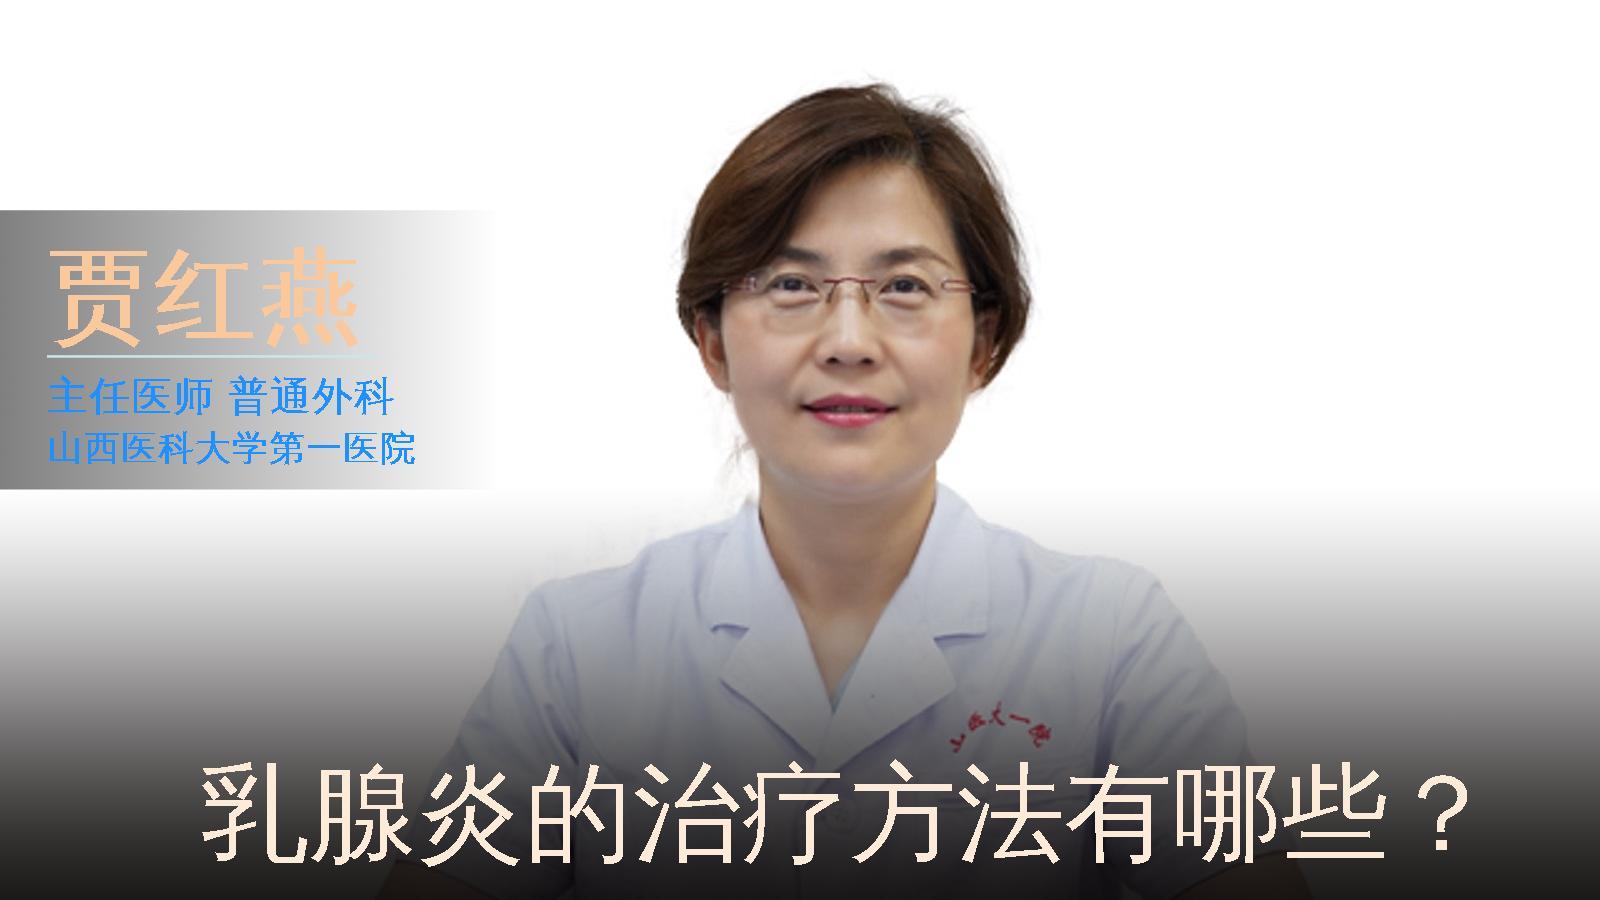 乳腺炎的治疗方法有哪些?